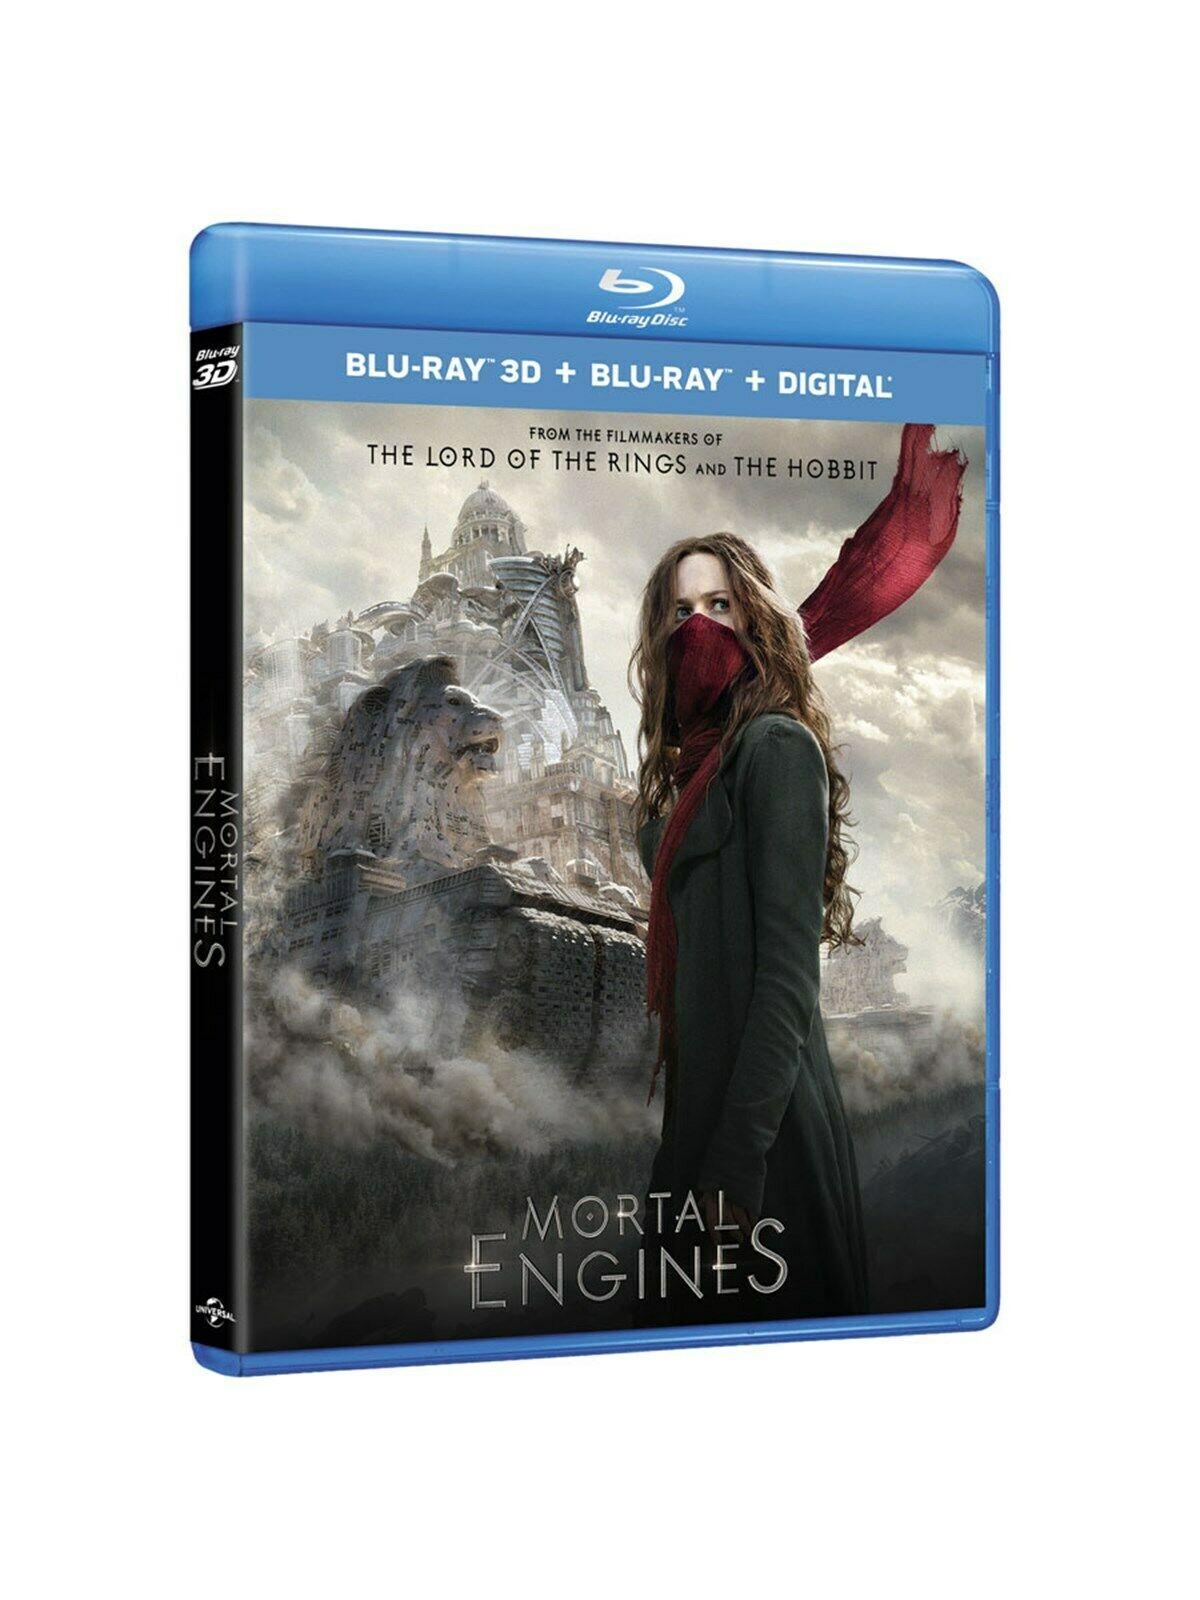 Mortal Engines (3D + 2D) [Blu-ray] – £4 delivered @ Zoom / eBay